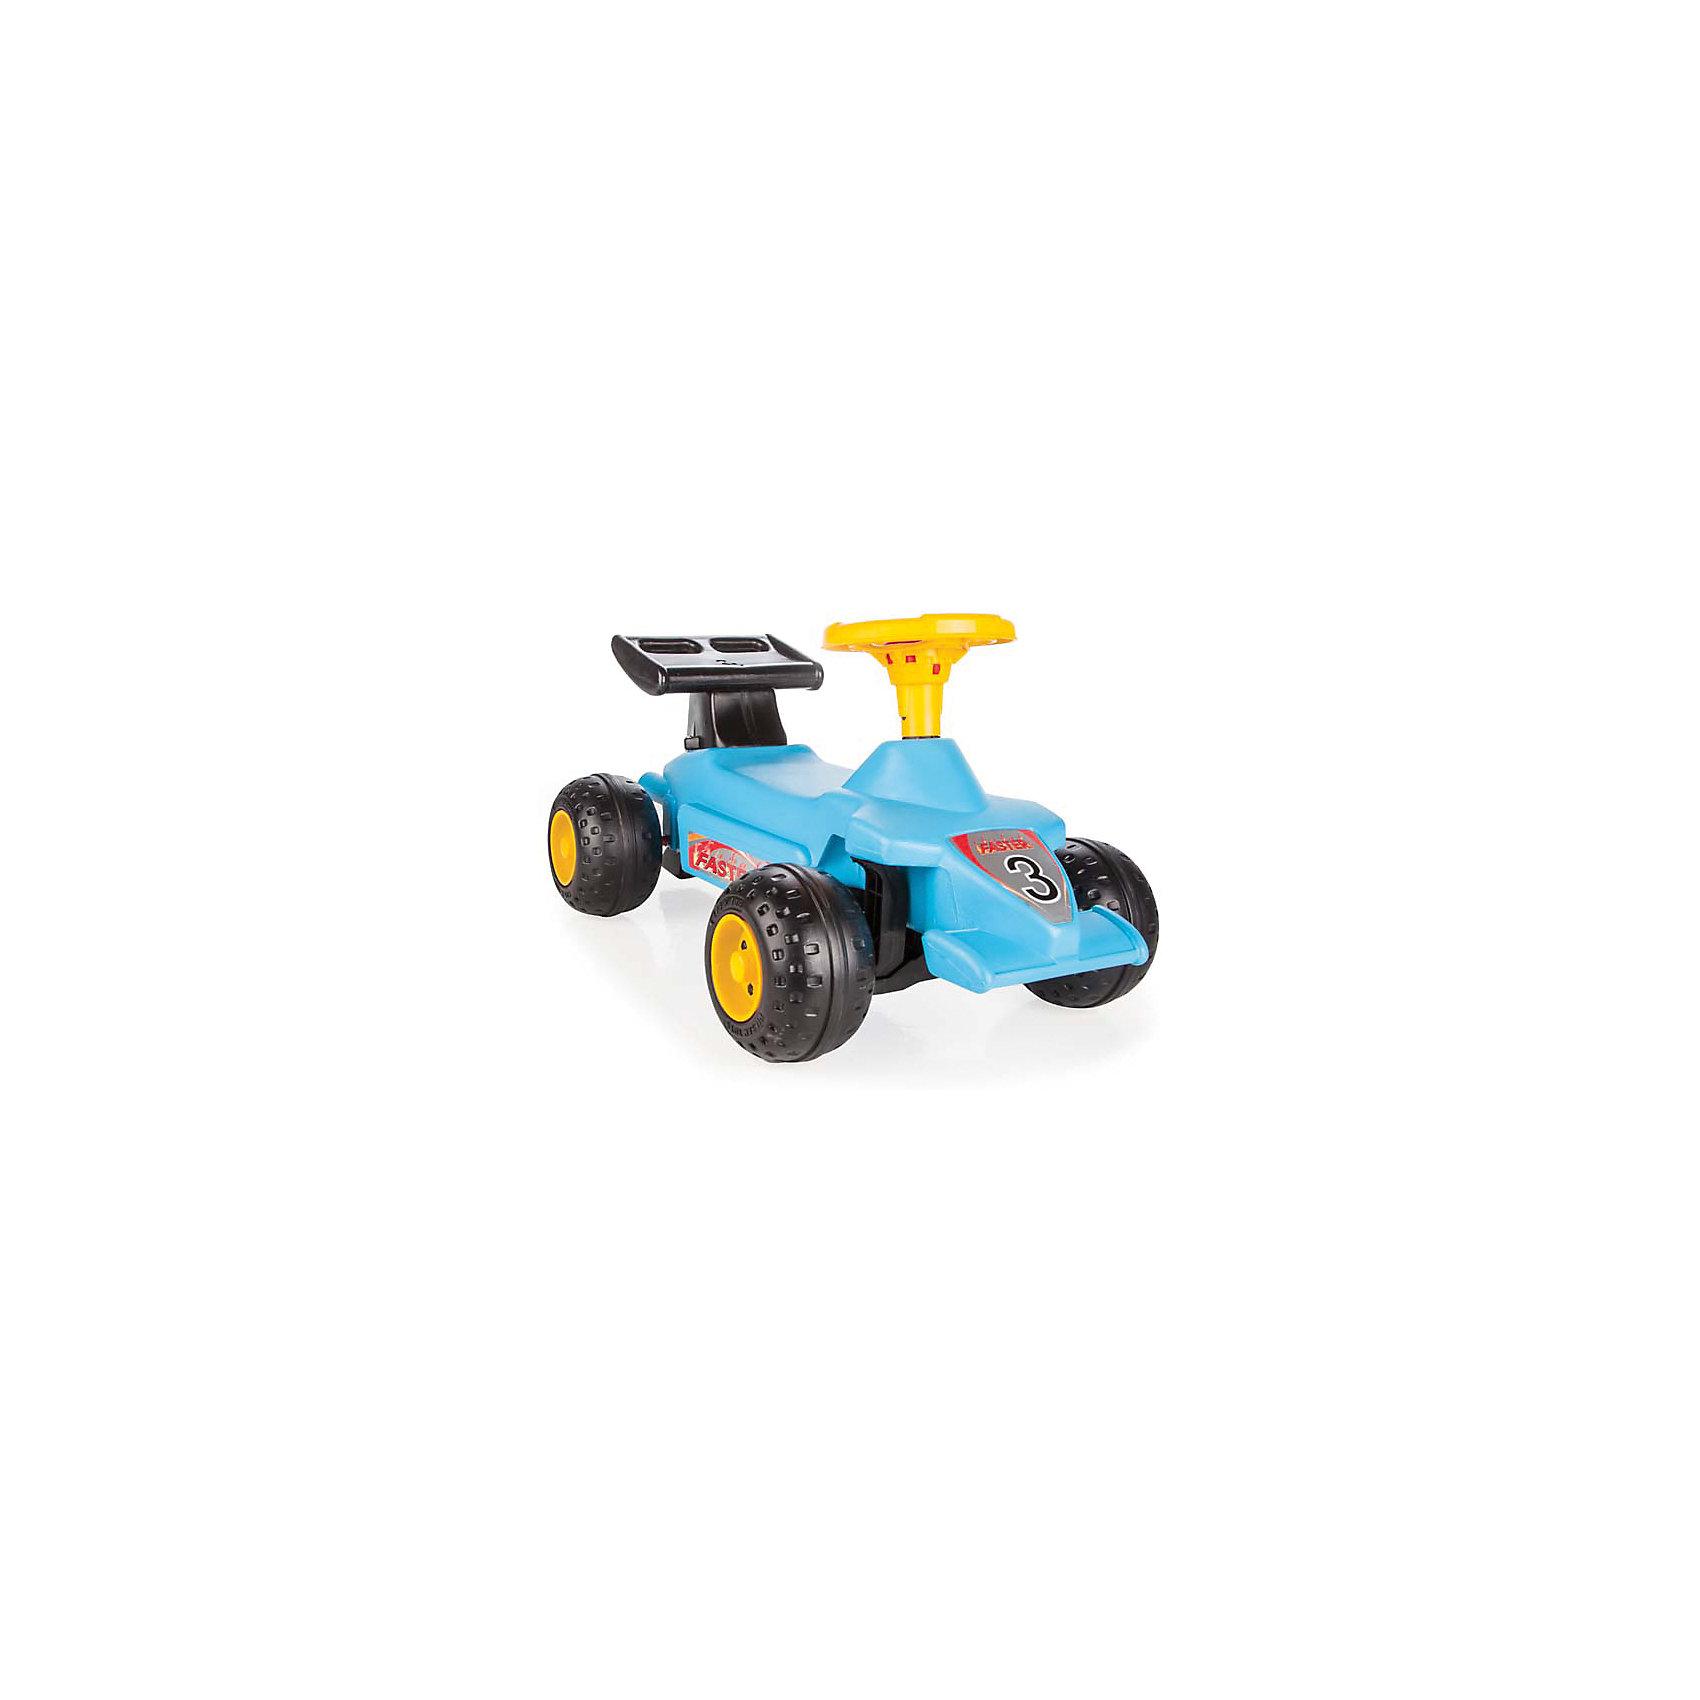 Каталка SUPER RACE, PILSANМашинки-каталки<br>Характеристики товара:<br><br>• удобное сиденье <br>• оснащена клаксоном<br>• устойчивые колеса<br>• развивает координацию и опорно-двигательный аппарат<br>• материал: пластик<br>• максимальная нагрузка: 50 кг<br>• размер упаковки: 39х77х45 см<br>• вес: 3,9 кг<br><br>Каталка SUPER RACE отлично подойдет детям от 2-х лет. <br><br>Отталкиваясь ногами, ребенок сможет быстро двигаться вперед, развивая опорно-двигательный аппарат и координацию. <br><br>Каталка оснащена клаксоном, который позволит малышу издать звонкий сигнал, оповещающий о передвижении. <br><br>Юный водитель будет в восторге от такого транспорта! <br><br>Каталку SUPER RACE, PILSAN (Пилсан) можно купить в нашем интернет-магазине.<br><br>Ширина мм: 450<br>Глубина мм: 770<br>Высота мм: 390<br>Вес г: 3900<br>Возраст от месяцев: 36<br>Возраст до месяцев: 84<br>Пол: Унисекс<br>Возраст: Детский<br>SKU: 5512044